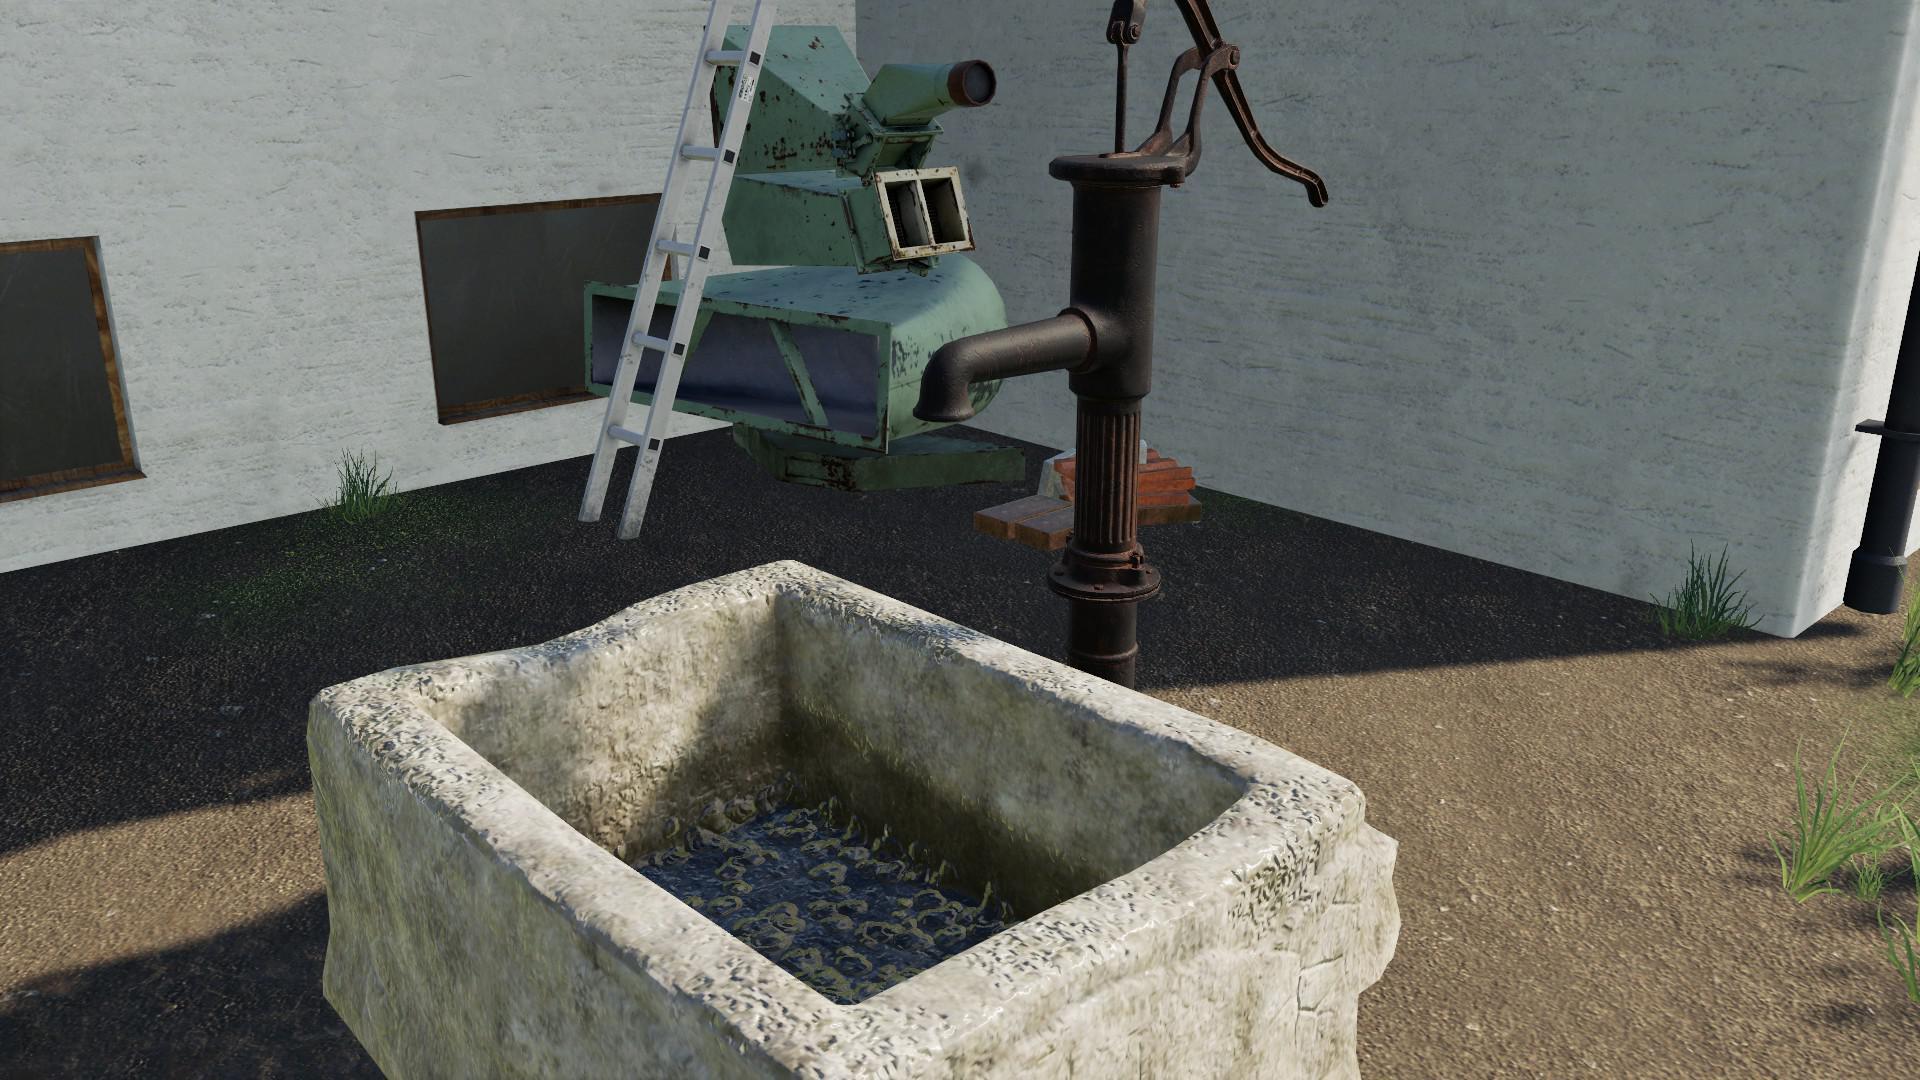 FS19 - Vintage Water Pump V1.1